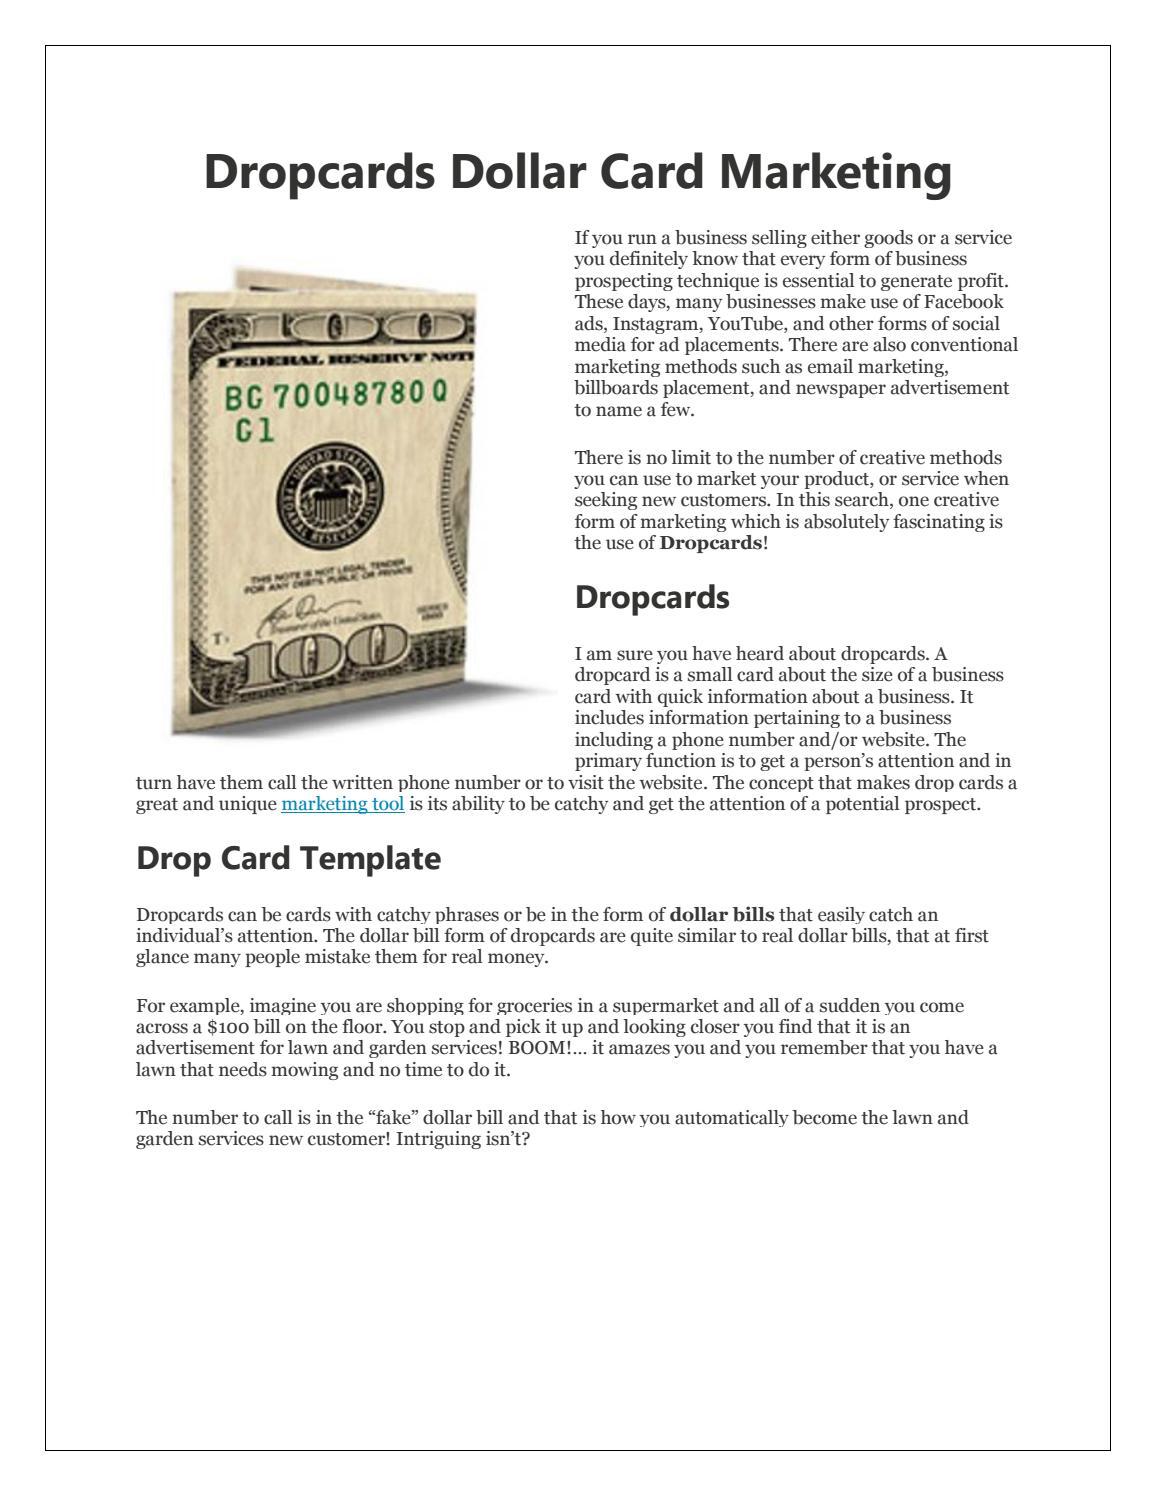 Dropcards Dollar Card Marketing by Amelia Kelly - issuu